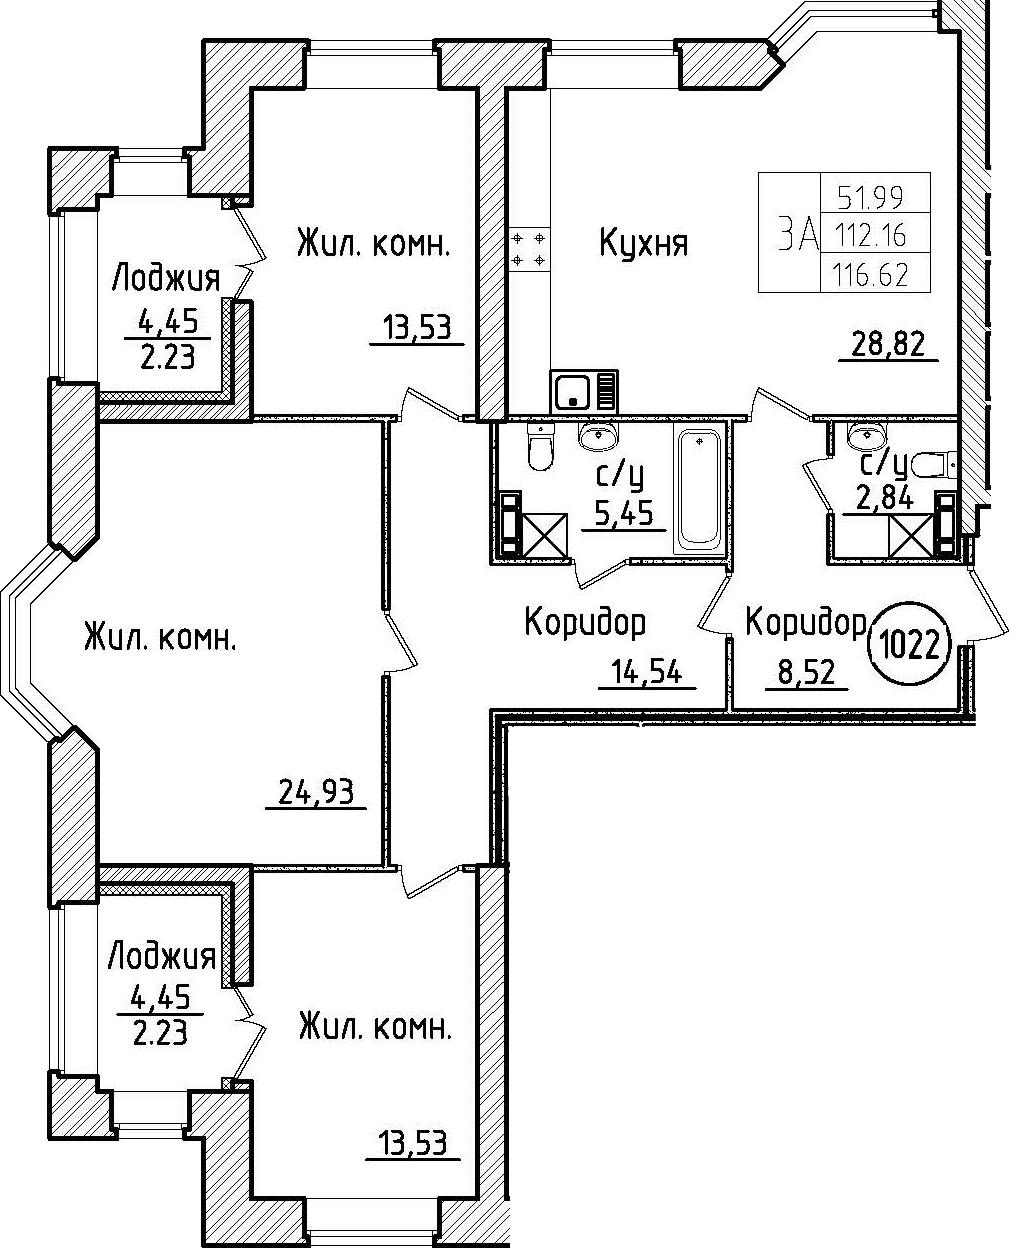 3-комнатная, 116.62 м²– 2